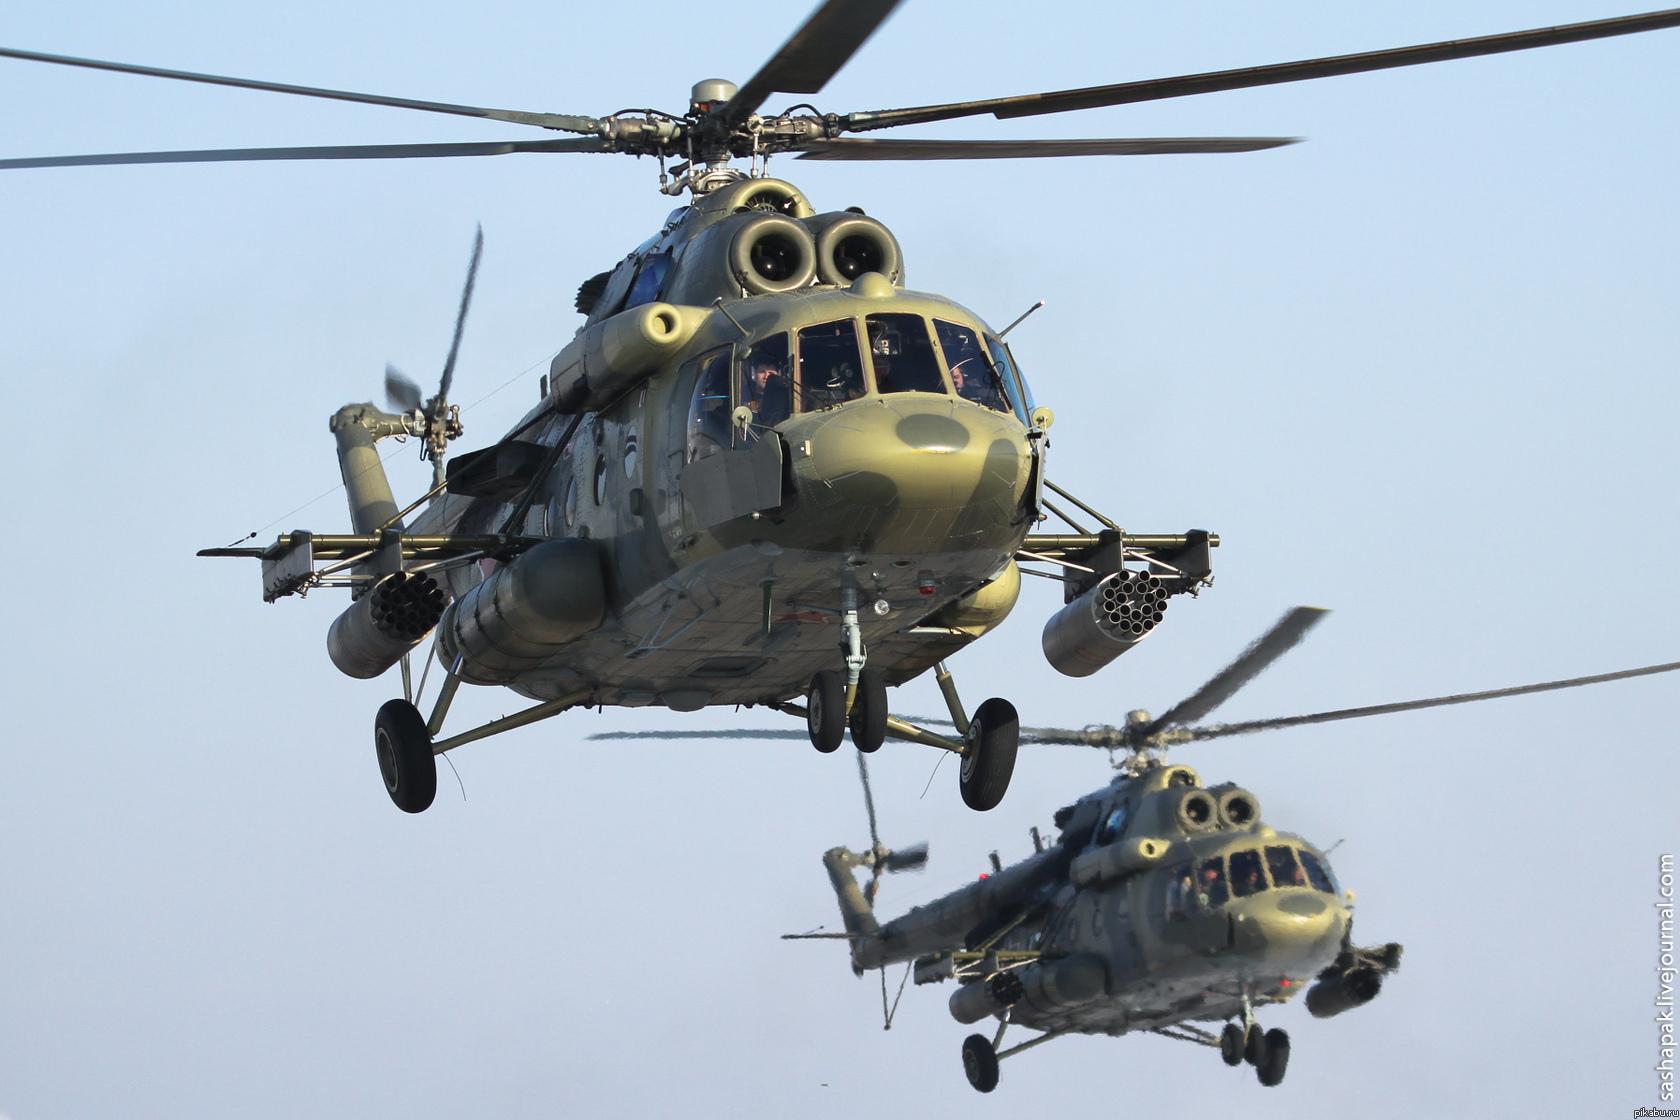 В Казахстане приостановили полеты вертолетов МИ-8